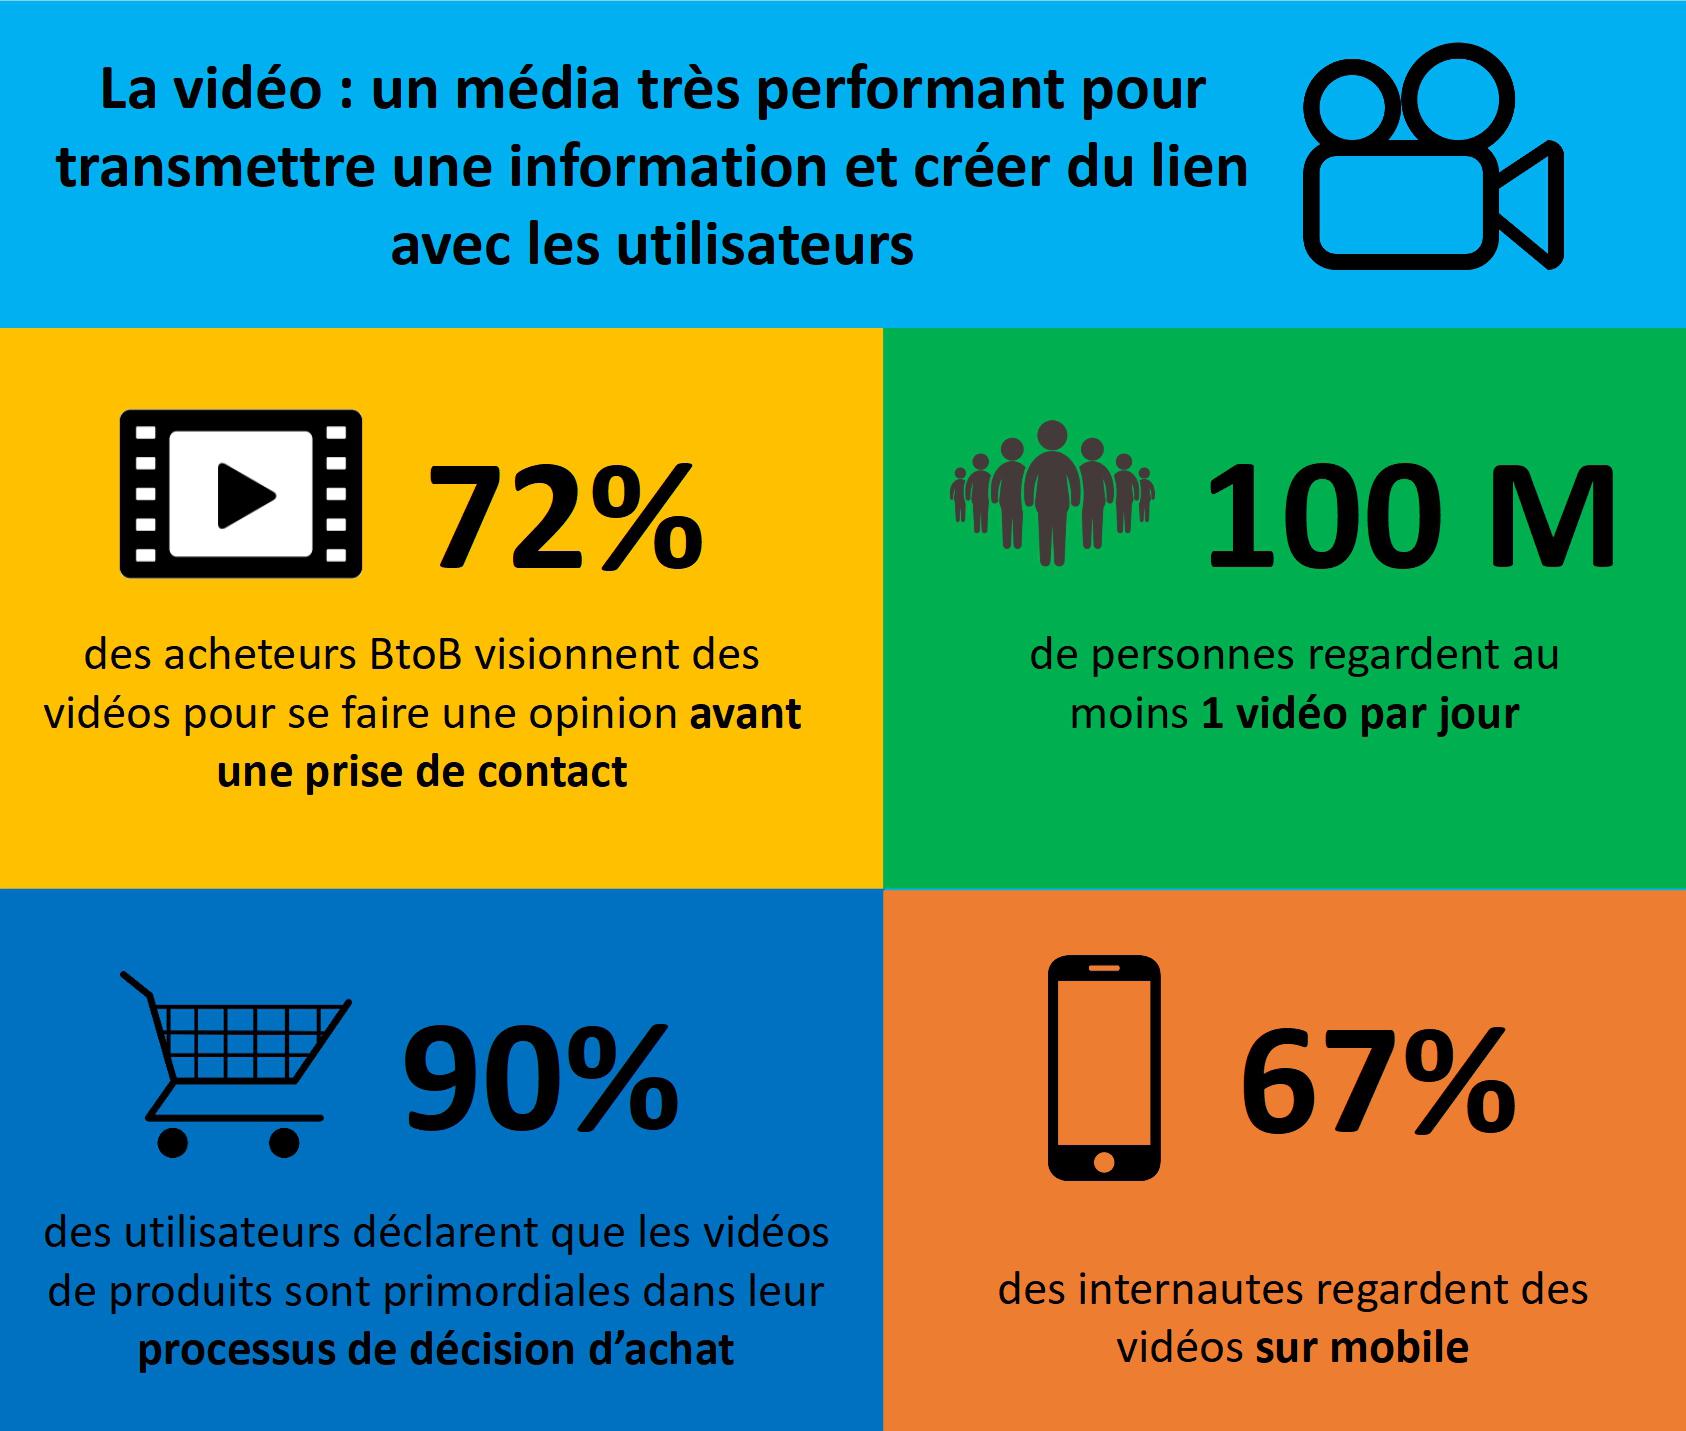 Statistiques de consommation vidéo